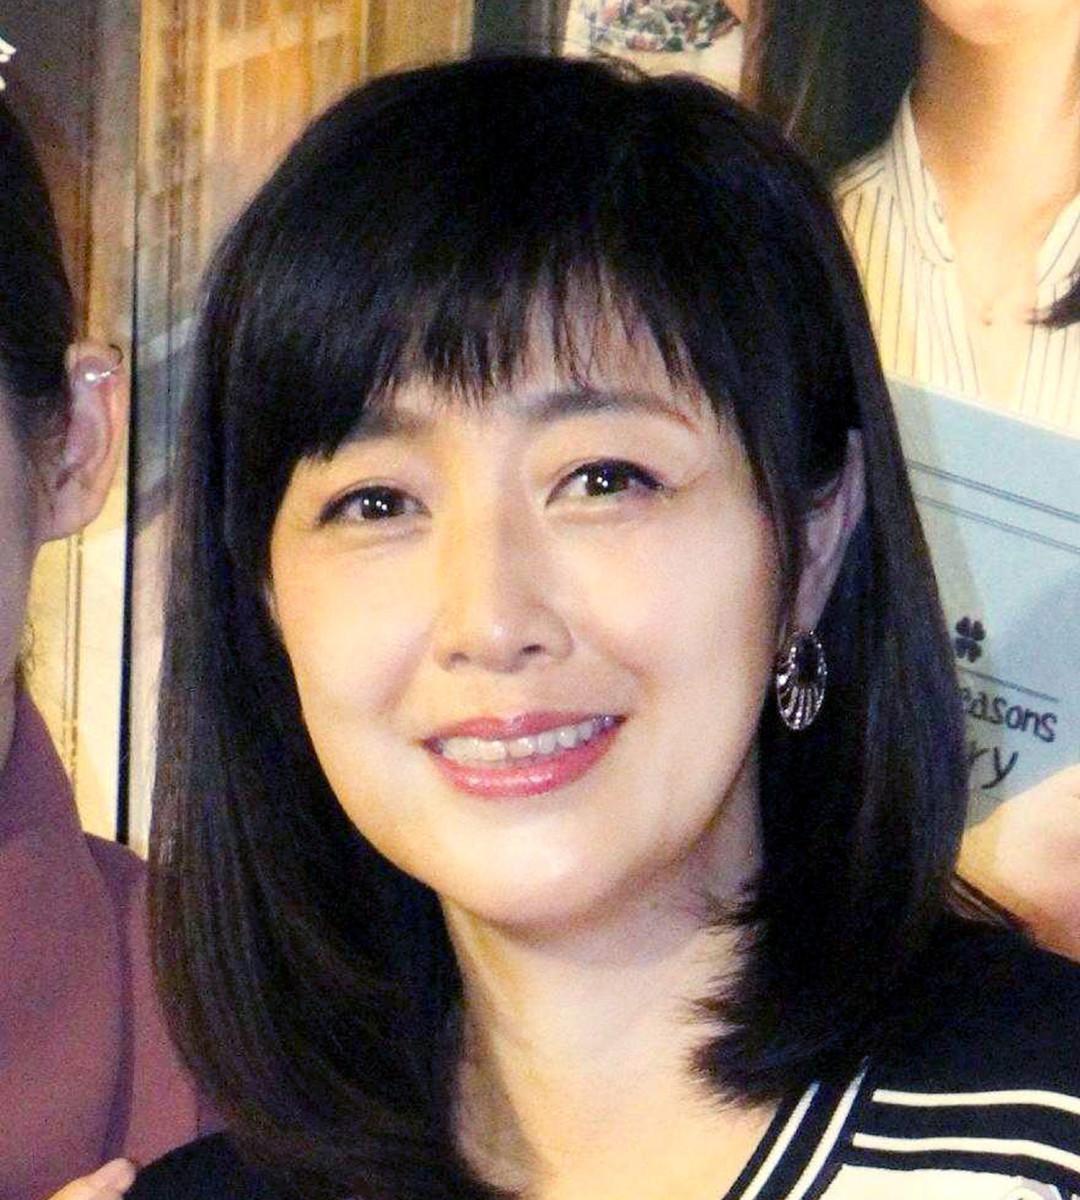 徳光さん、菊池桃子と結婚の新原浩朗氏は高校の後輩だった